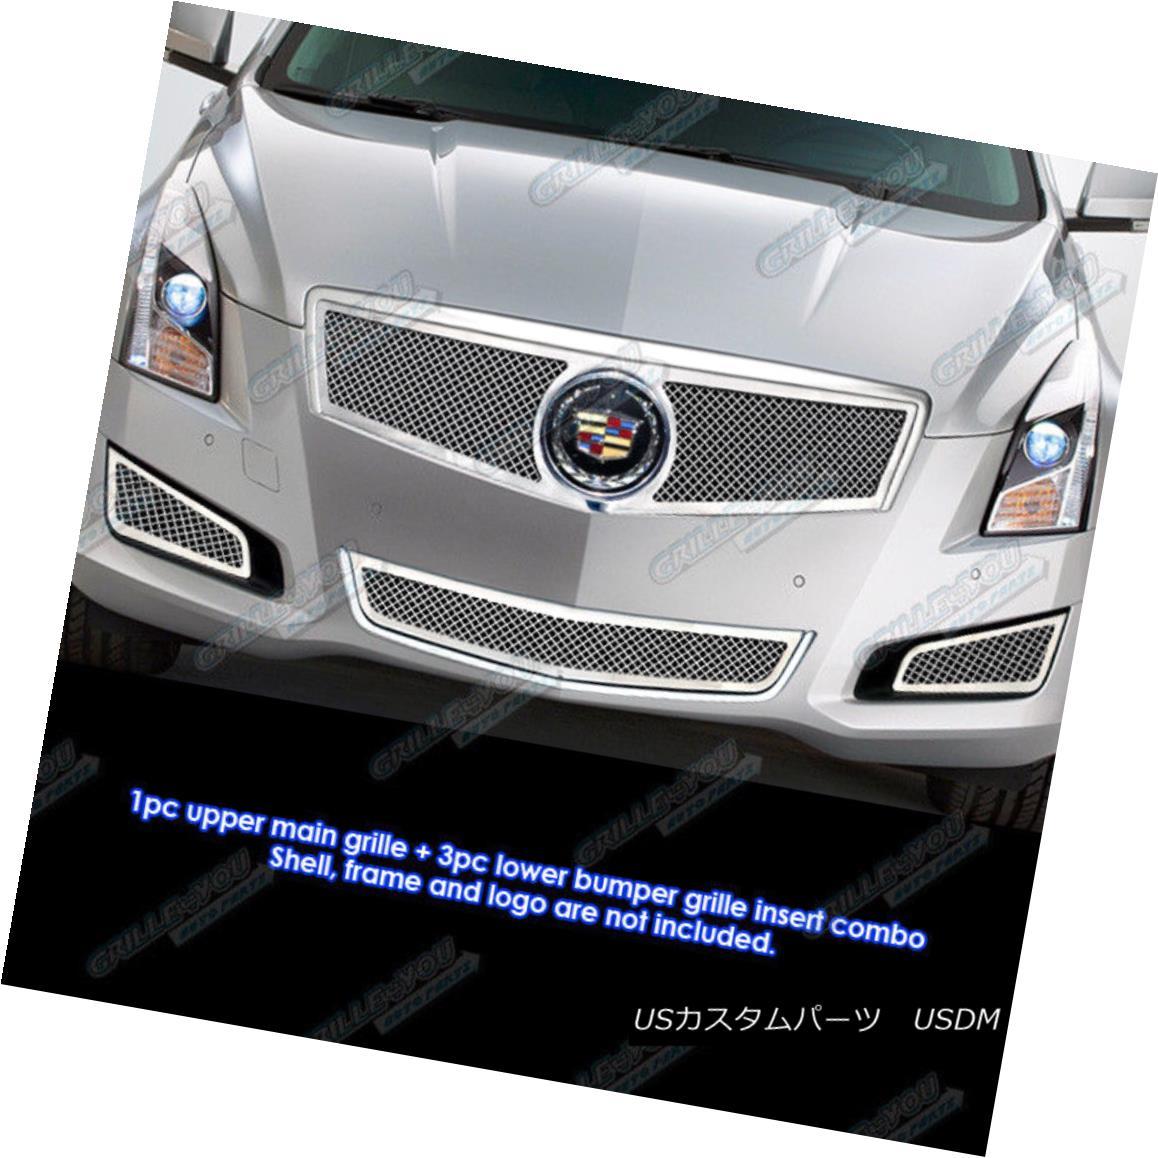 グリル Fits 2013-2014 Cadillac ATS W/ Fog Light Cover Stainless Steel Mesh Grille Combo フィット2013-2014キャデラックATS W /フォグライトカバーステンレスメッシュグリルコンボ